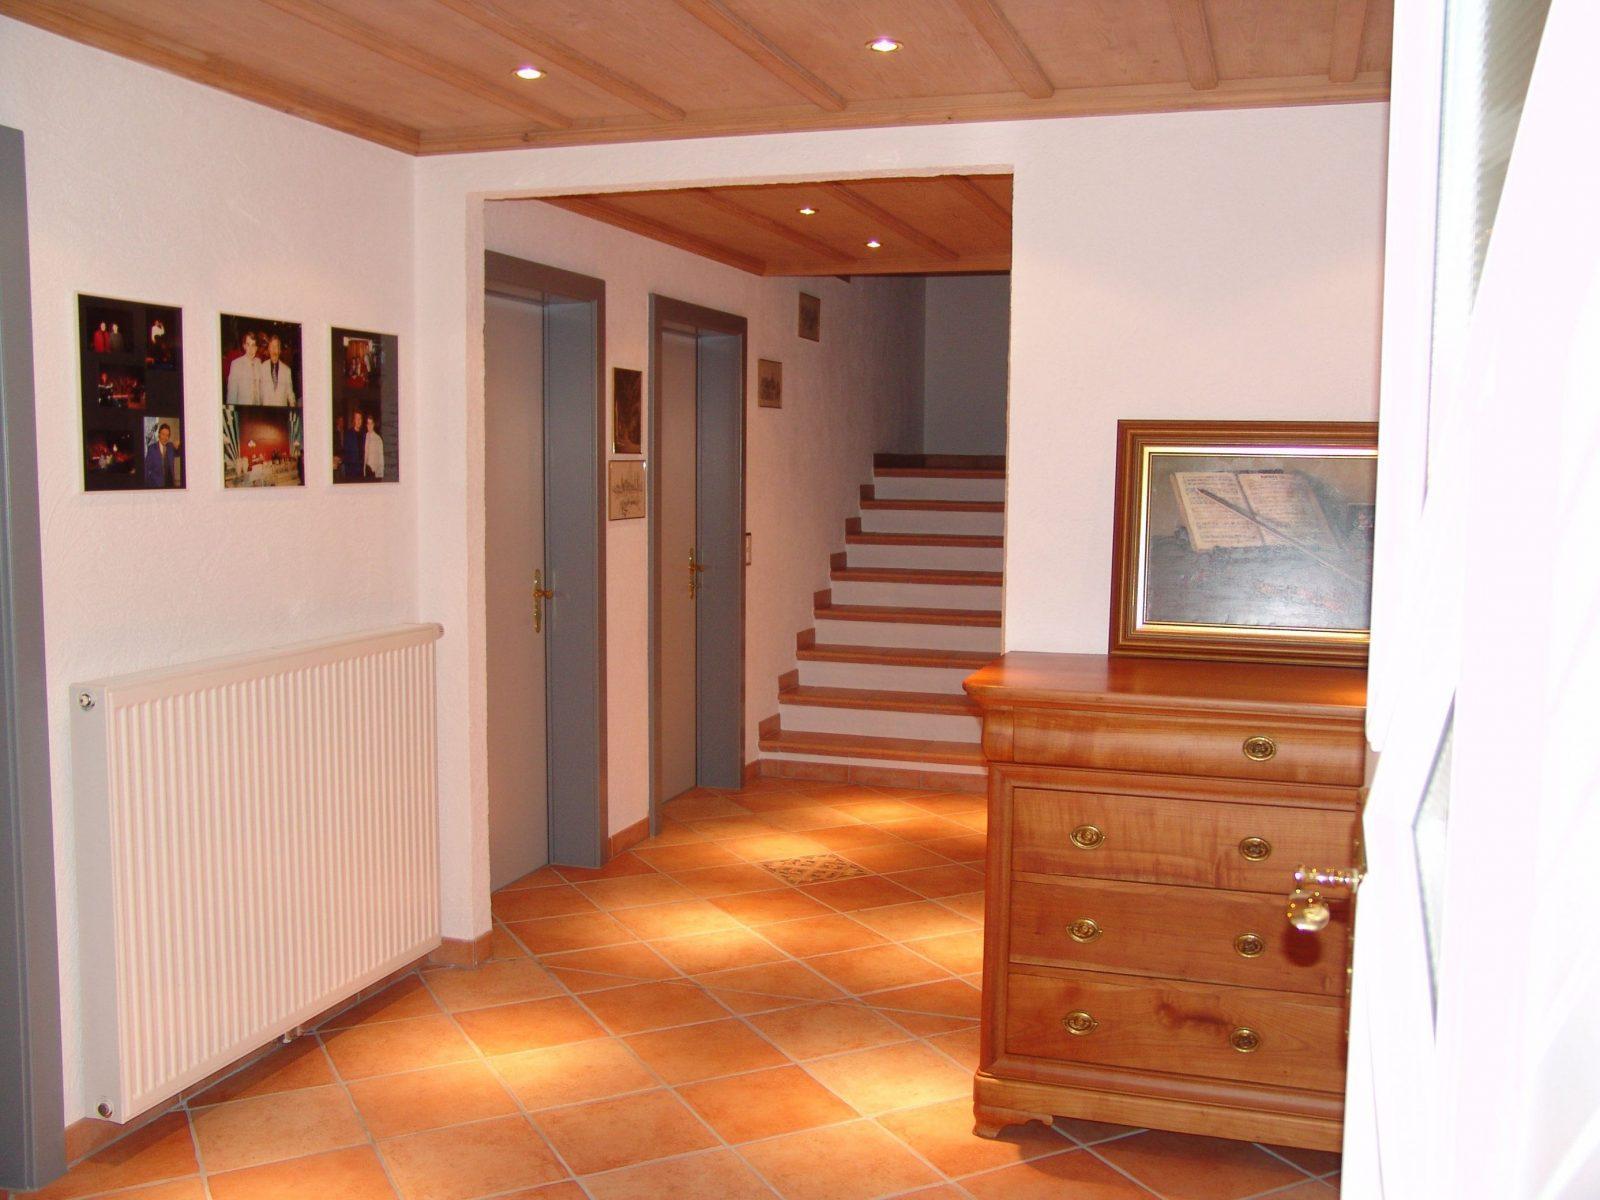 Der Keller Als Wertvoller Wohn Und Arbeitsraum Im Untergeschoss von Keller Als Wohnraum Genehmigung Bild